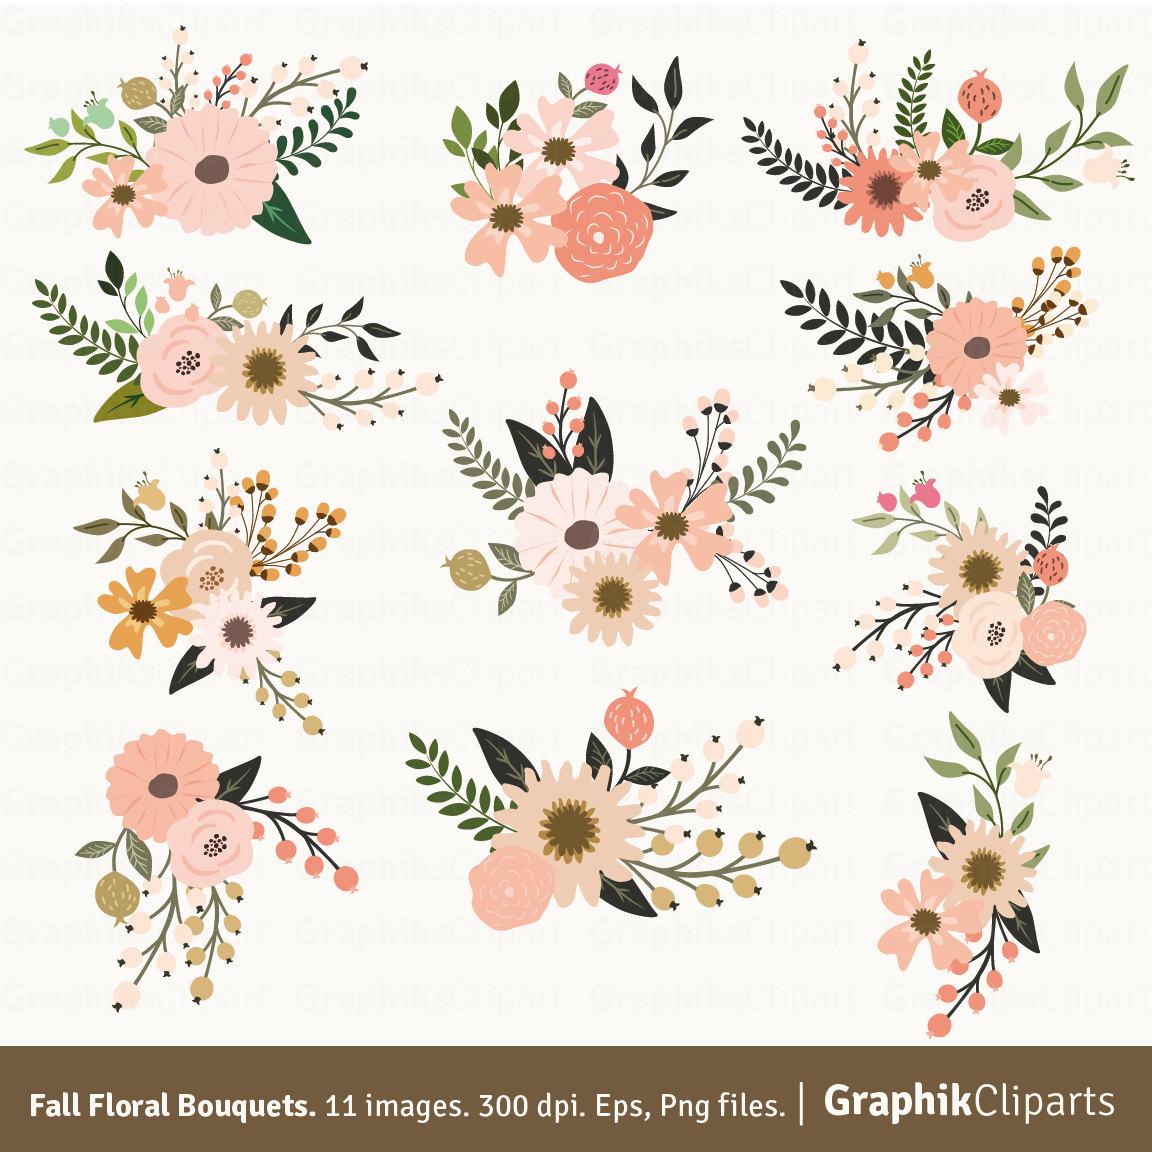 Fall Floral Bouquets Clip Art. Floral Clipart. Floral Bouquet.